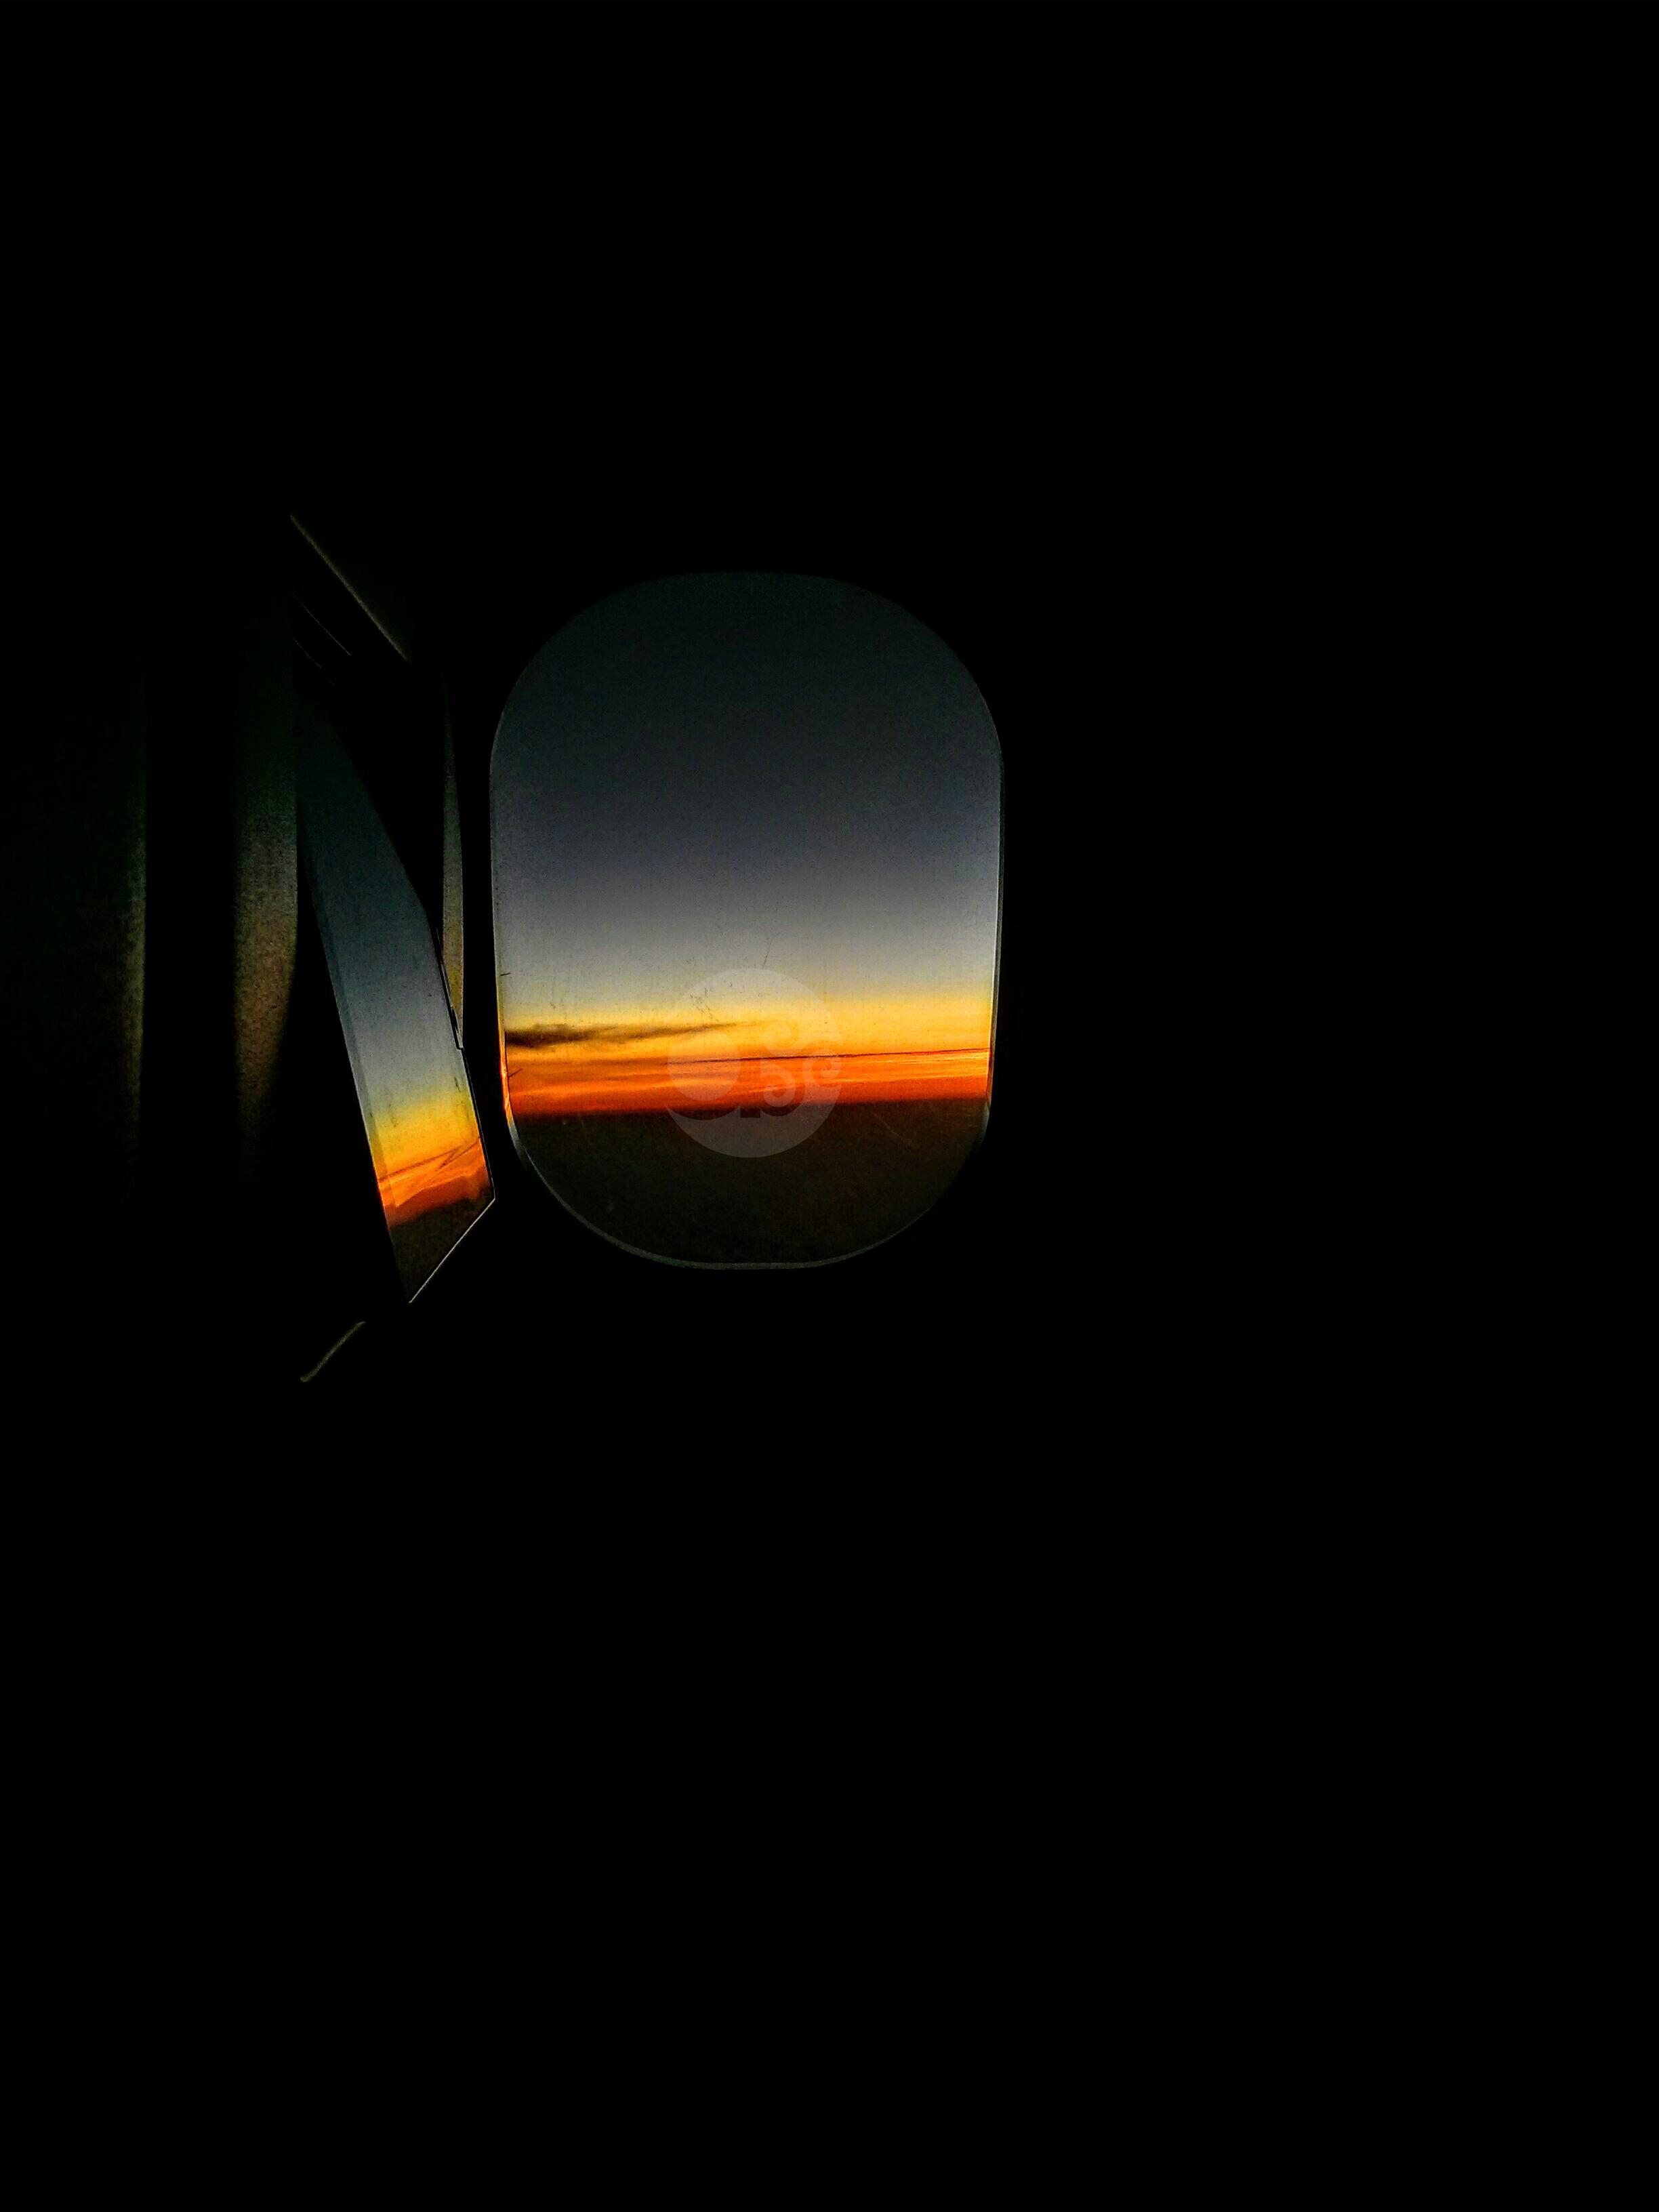 Atardecer avión_Xudit Casas